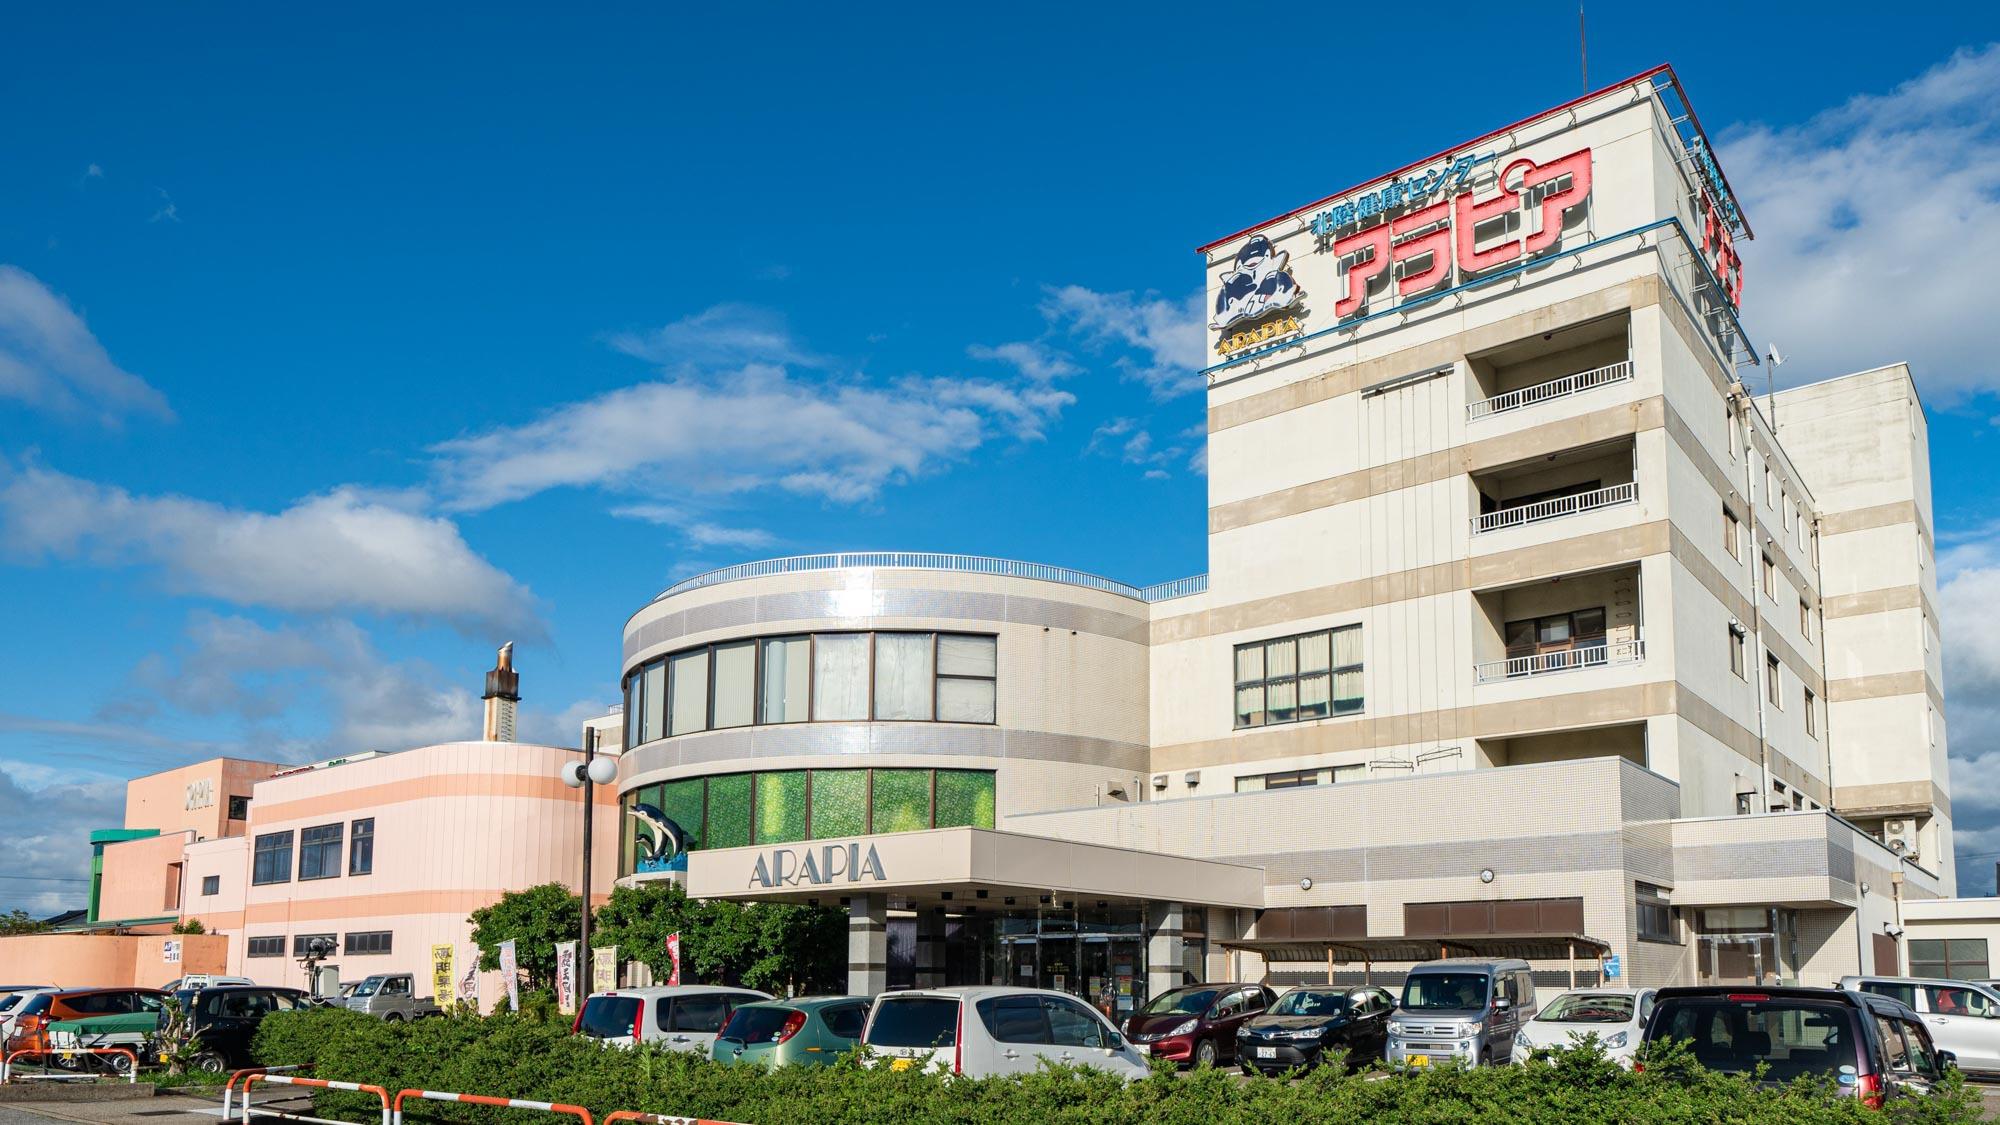 16種類の大浴場とホテル 北陸健康センターアラピア...